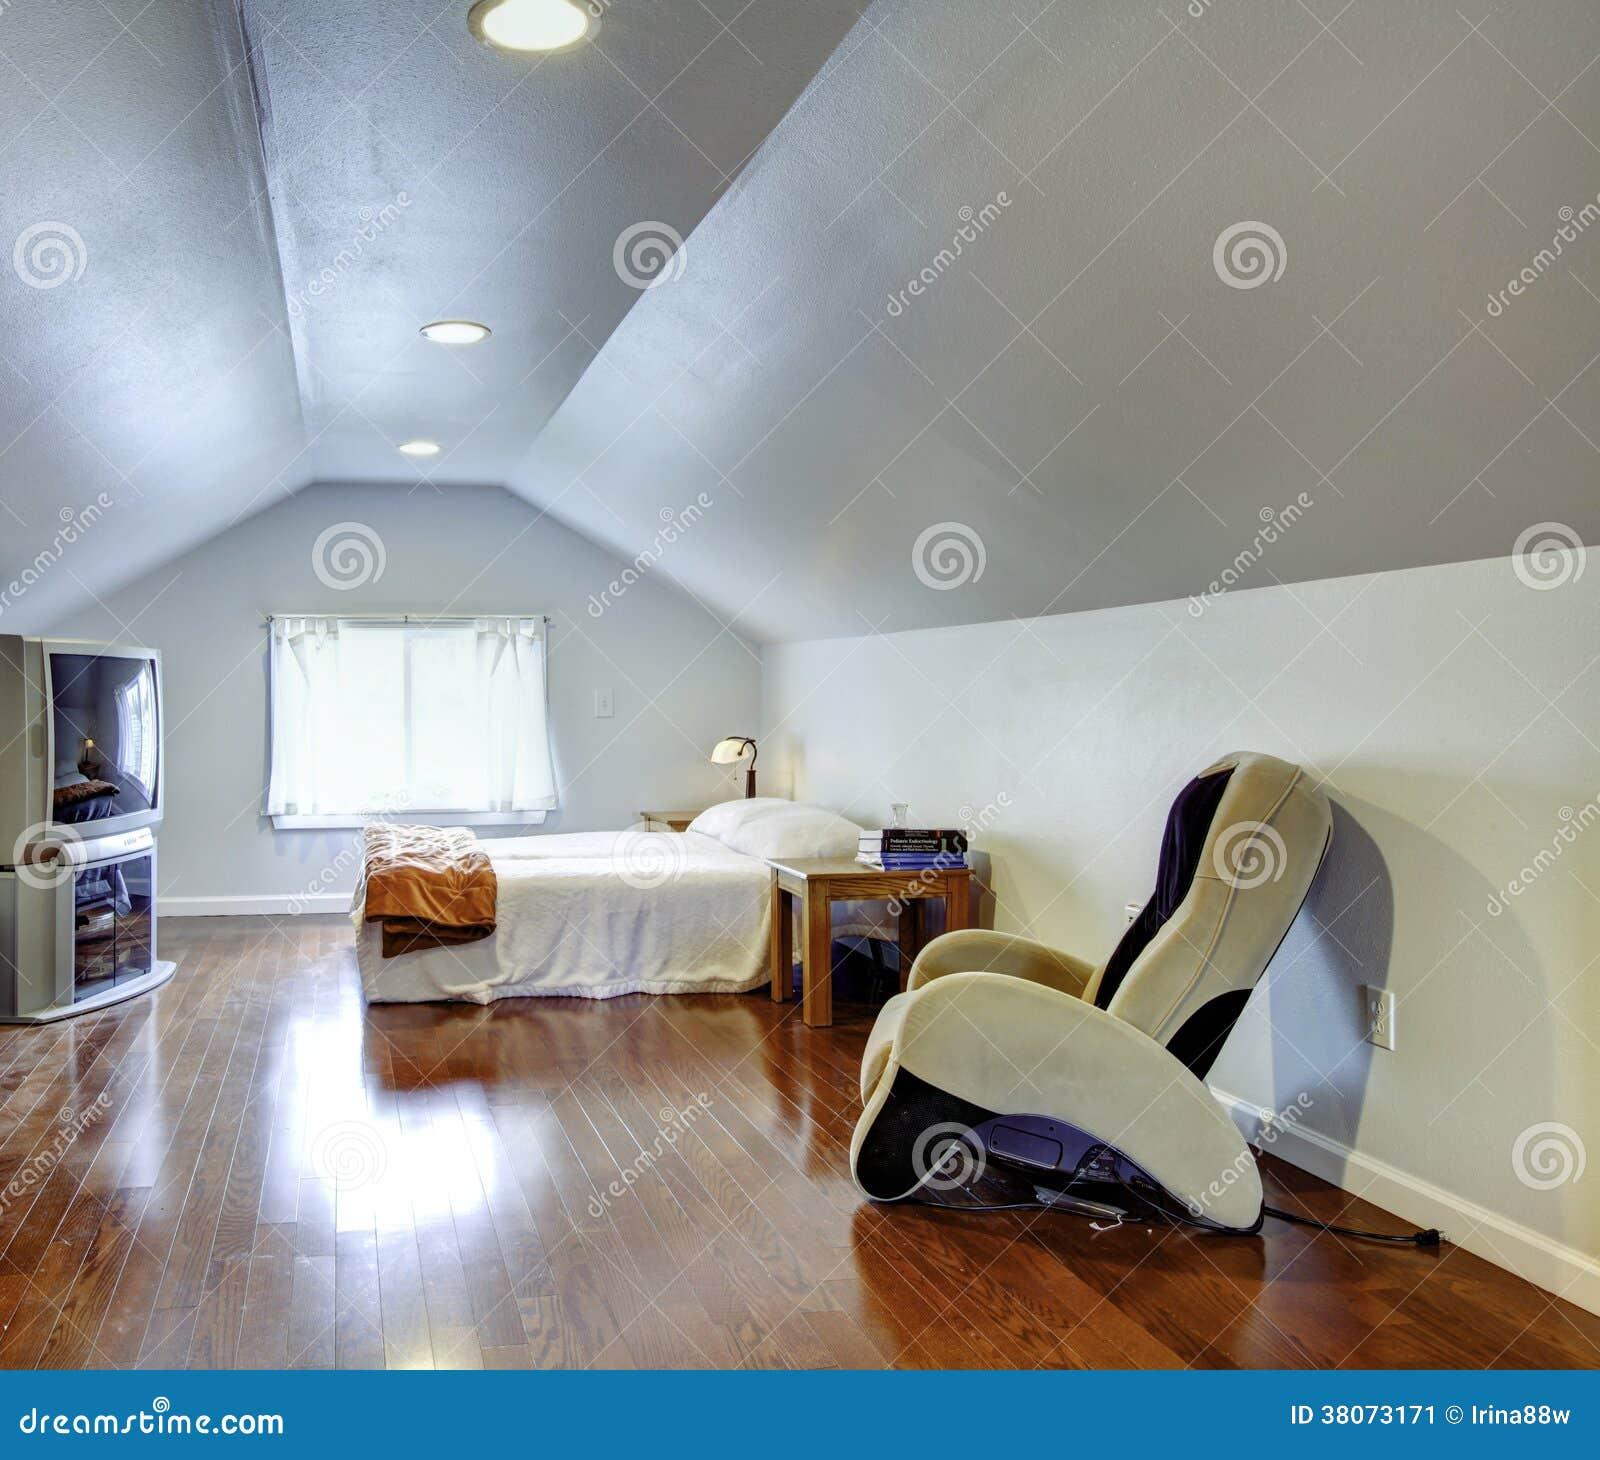 Idea di interior design per la camera da letto del - Idea camera da letto ...